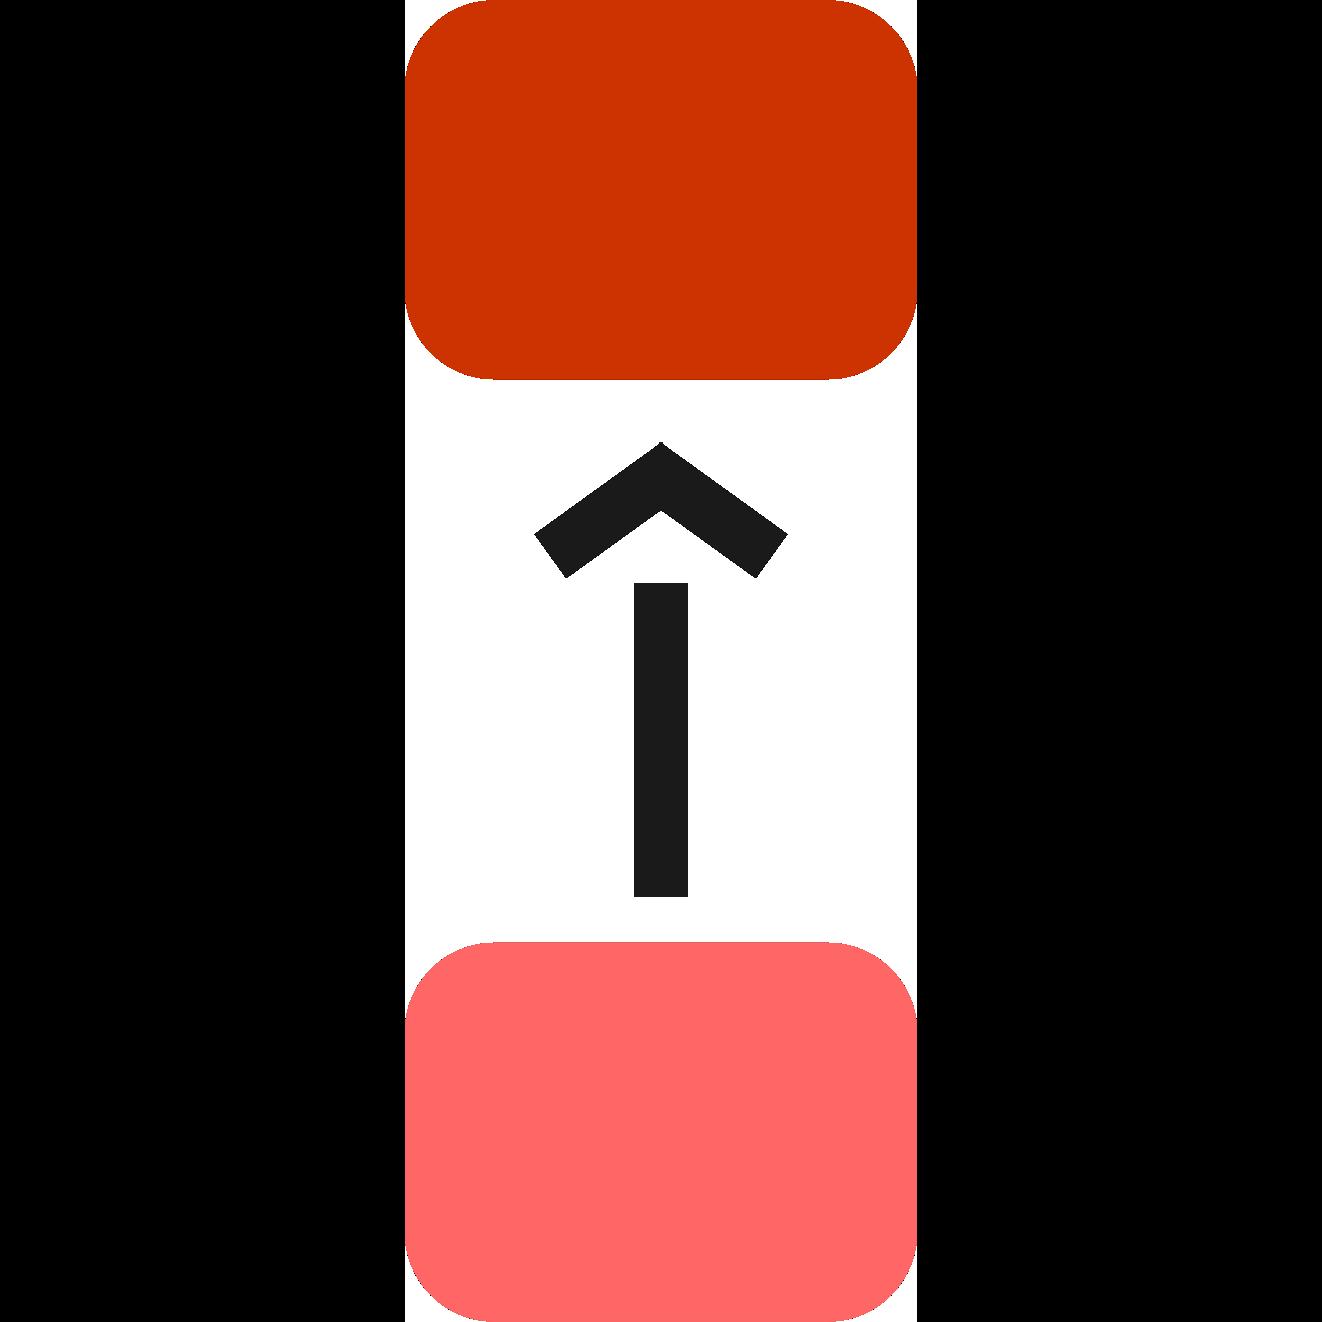 3, workflow icon